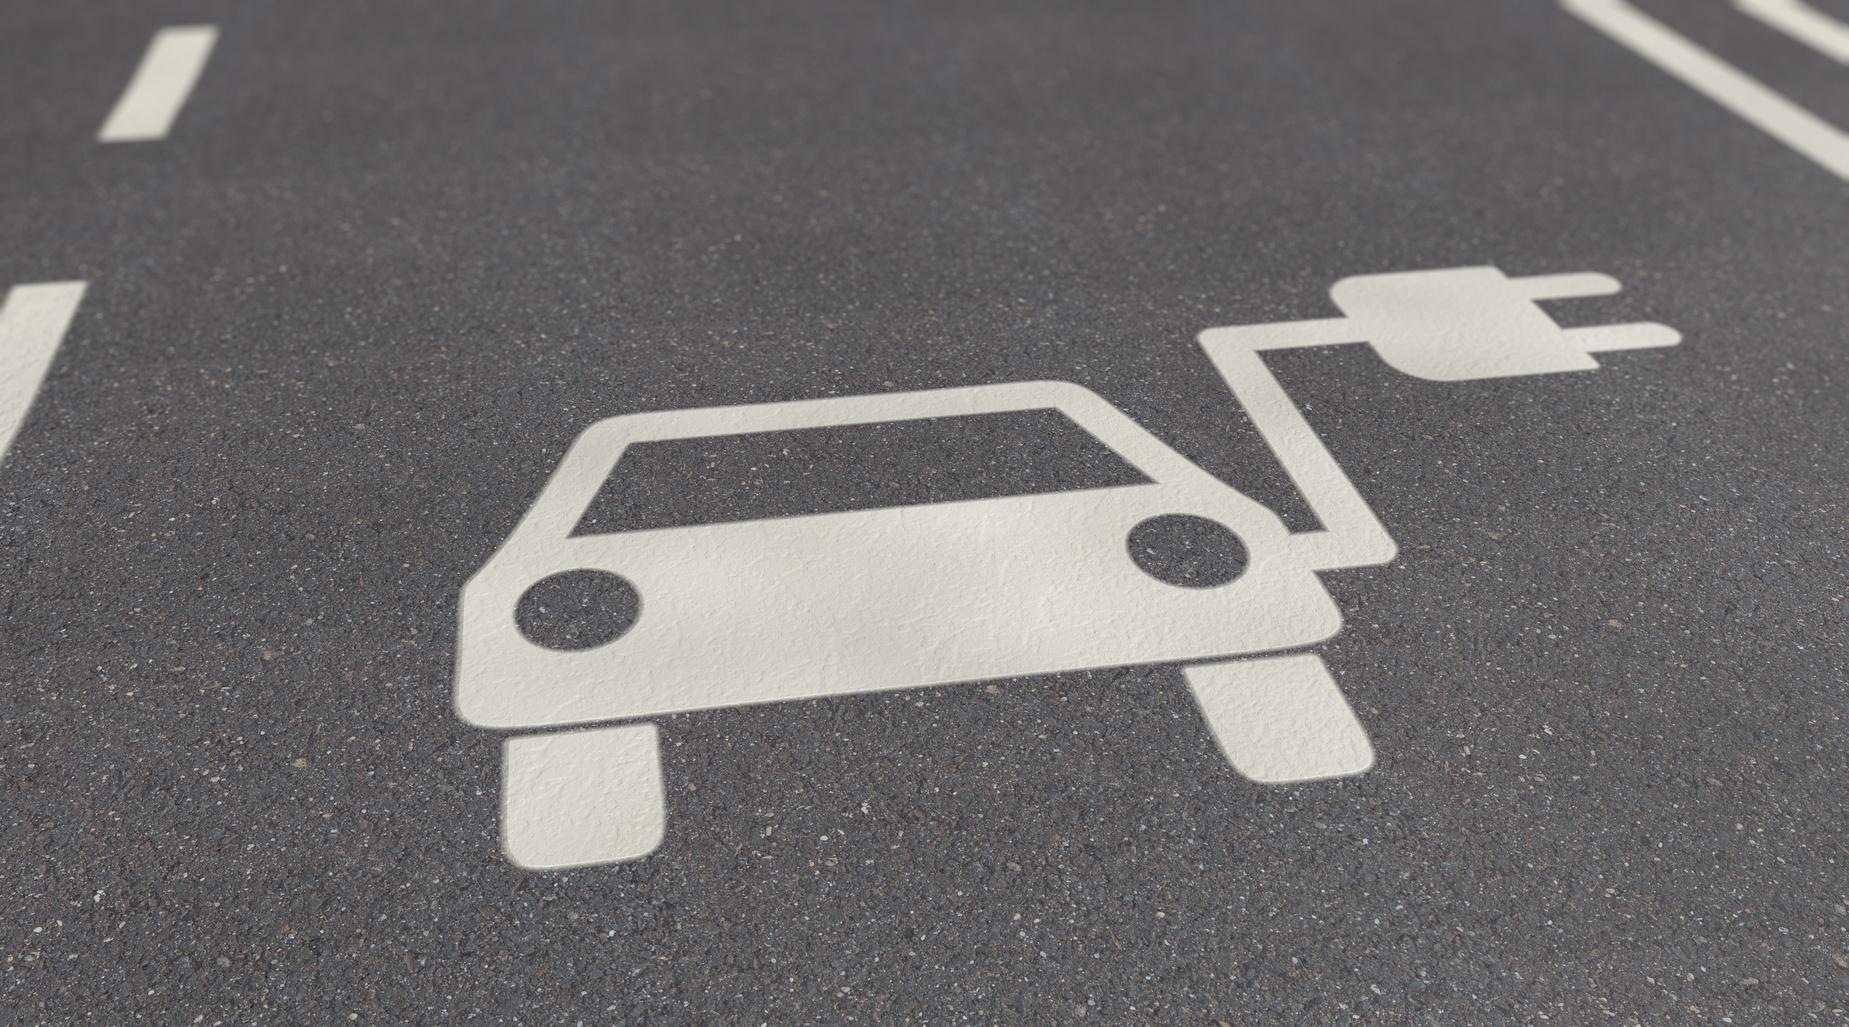 Diesel, Benziner, Hybrid- oder Elektroauto: Was ist besser für die Umwelt?